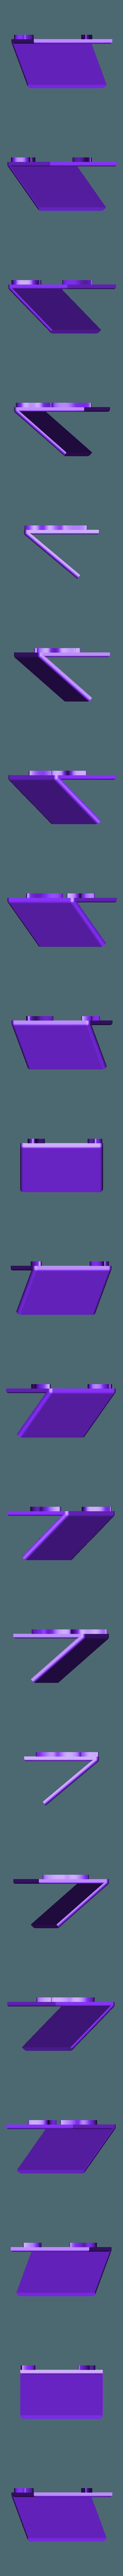 support.stl Download free STL file business card holder for desk • 3D printing model, blandiant